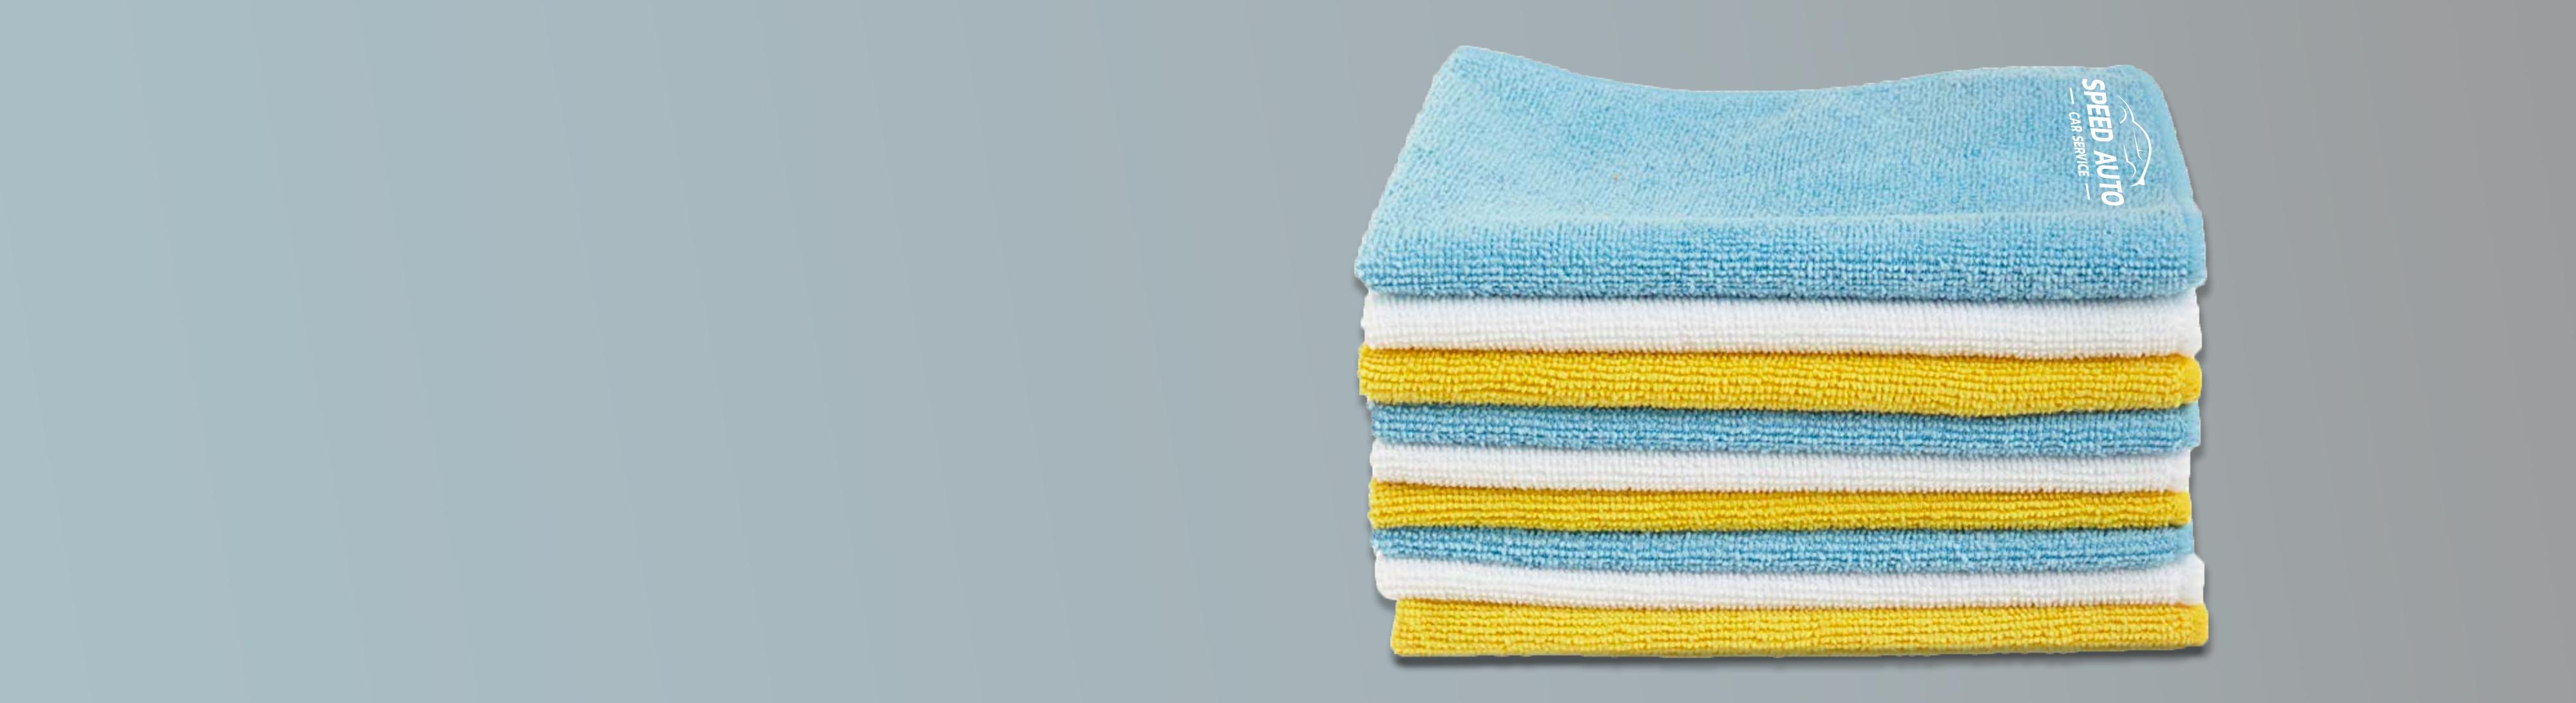 Chiffon de nettoyage ou serviette pub polyester personnalisé set publicitaires